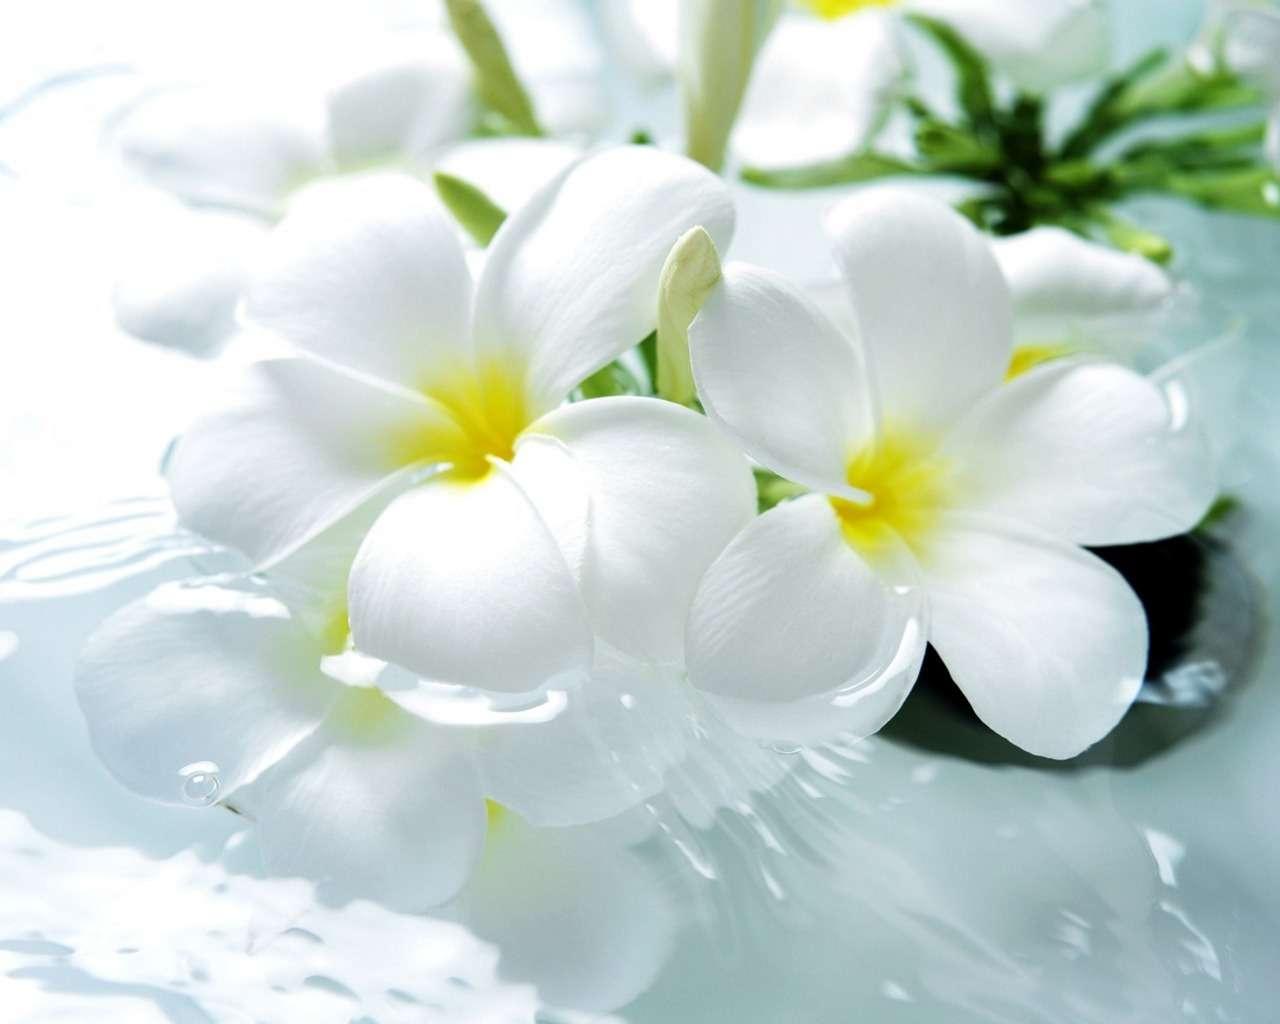 بالصور خلفيات زهور , خلفيات زهور للهواتف واجهزة الكمبيوتر 2903 5